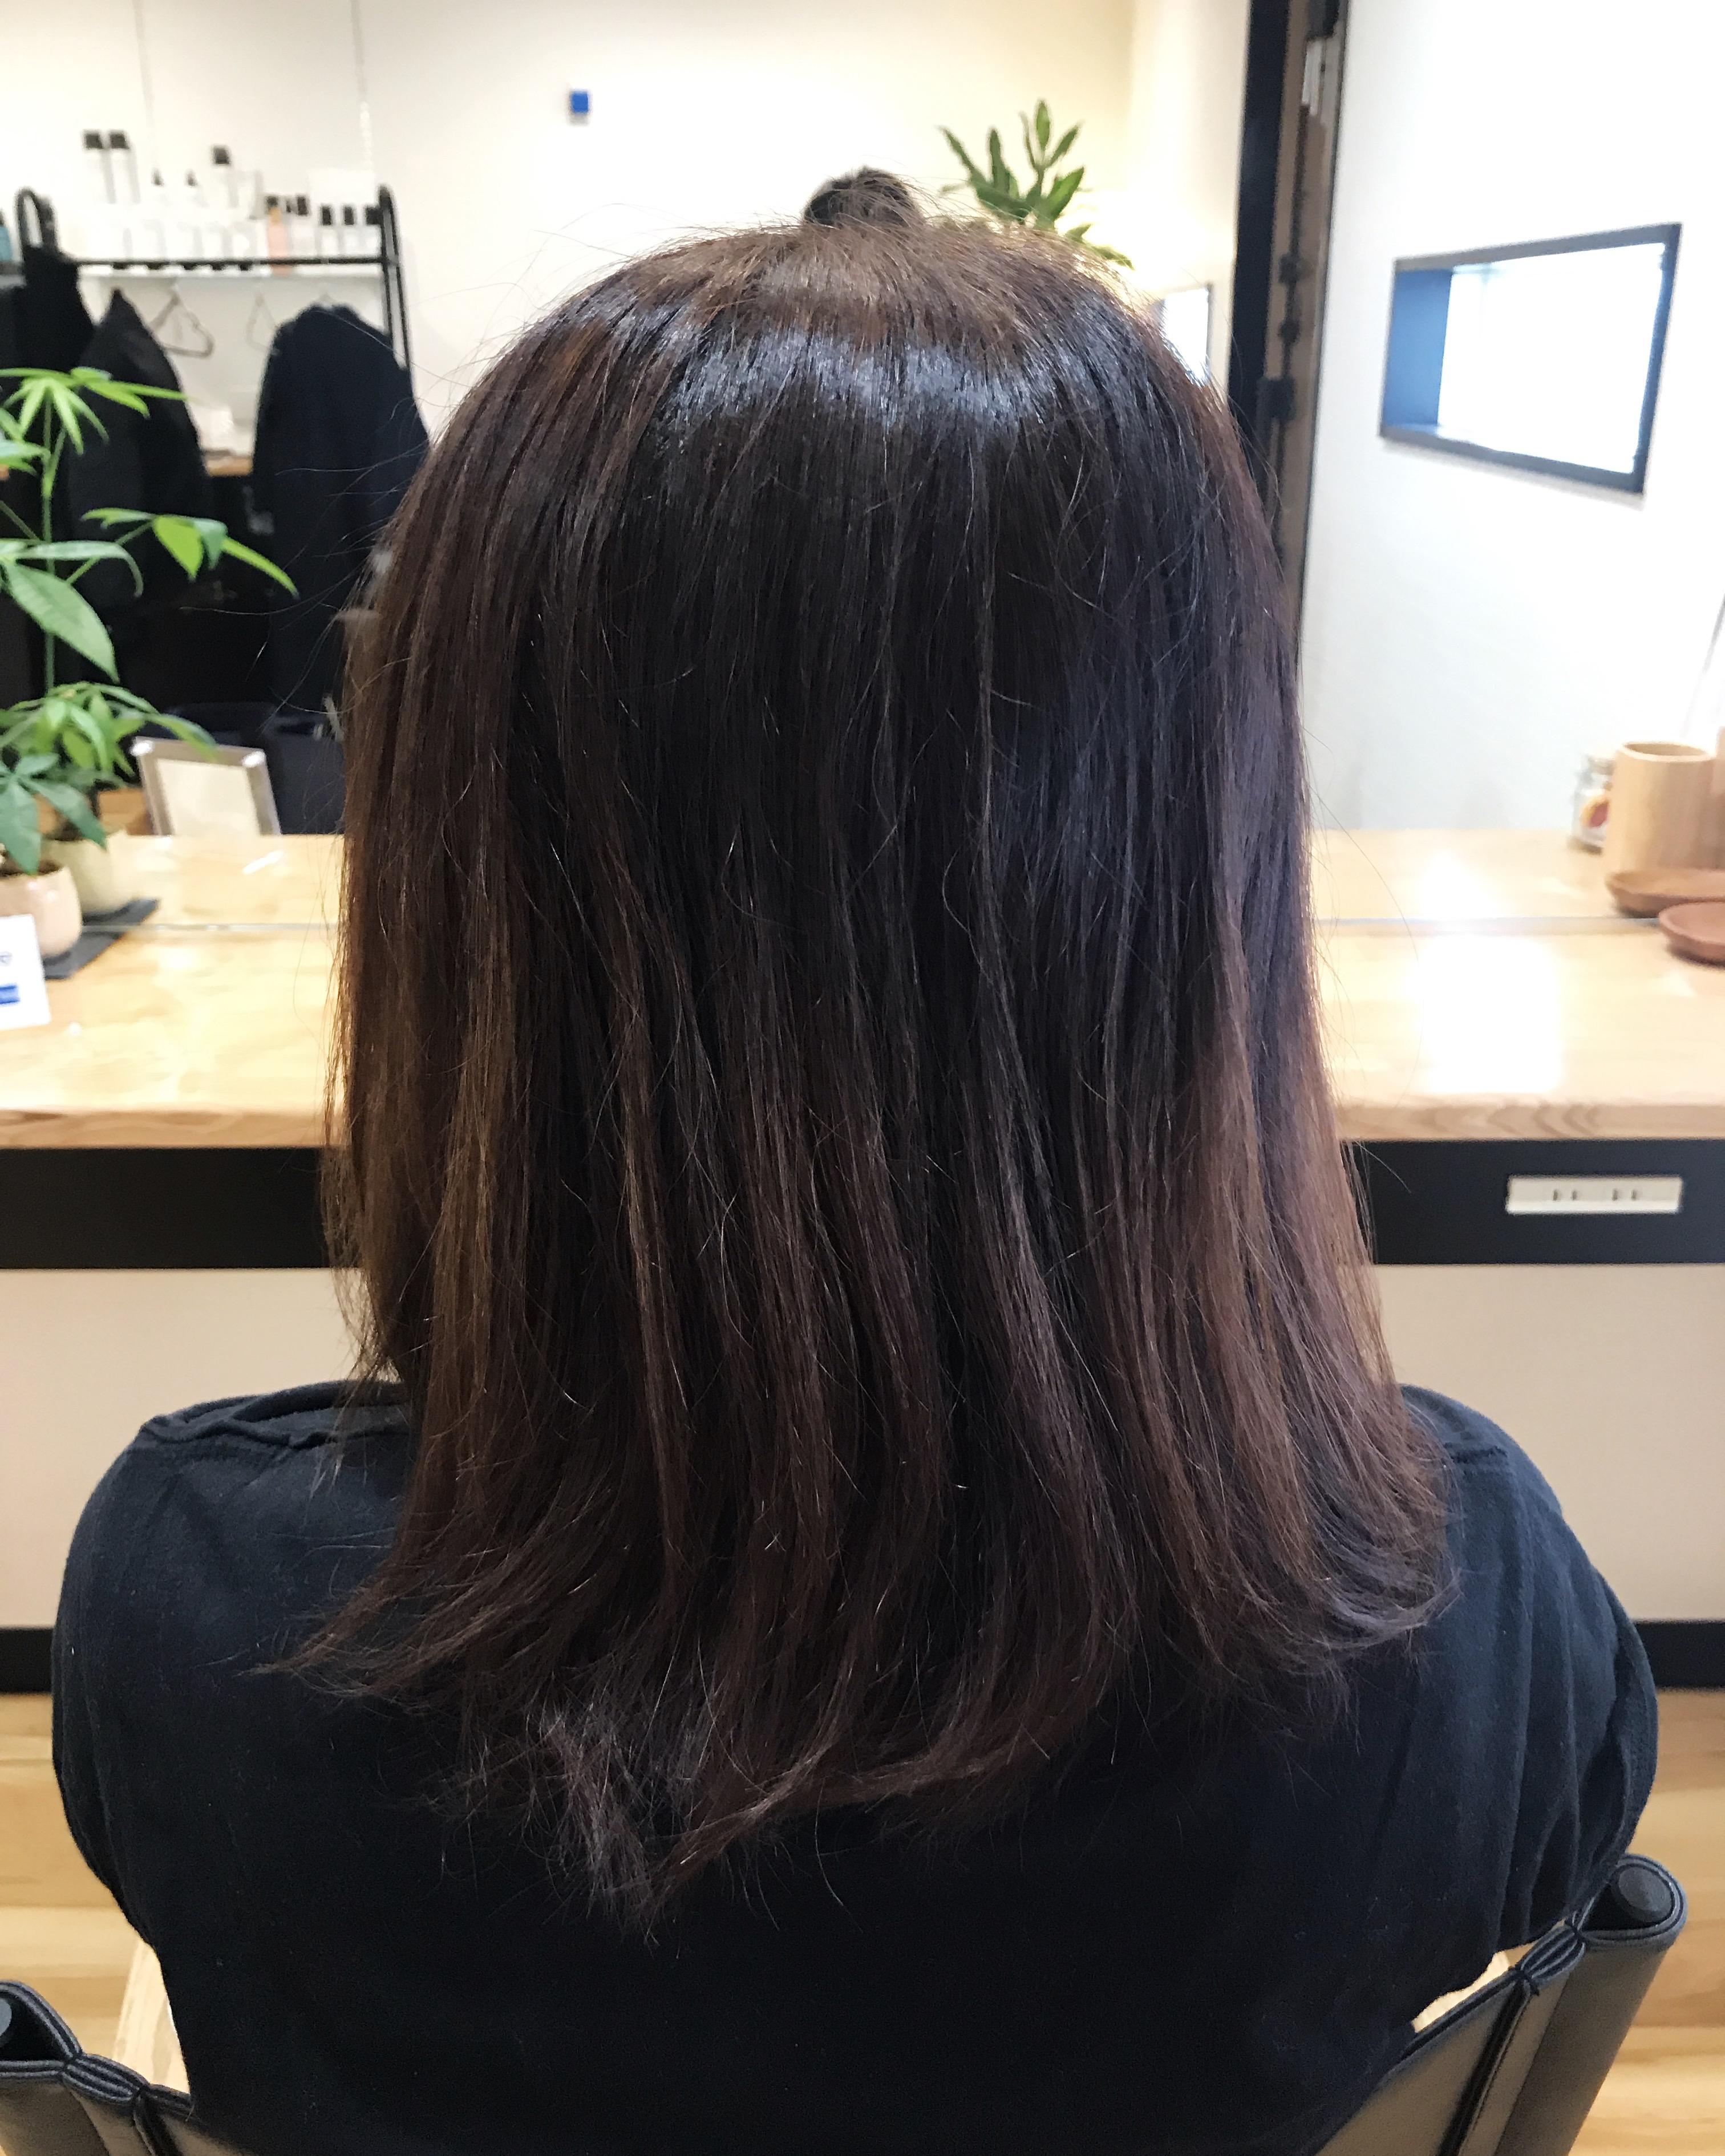 ヘアマニキュアで暗く染まりすぎて失敗した髪を明るく修正